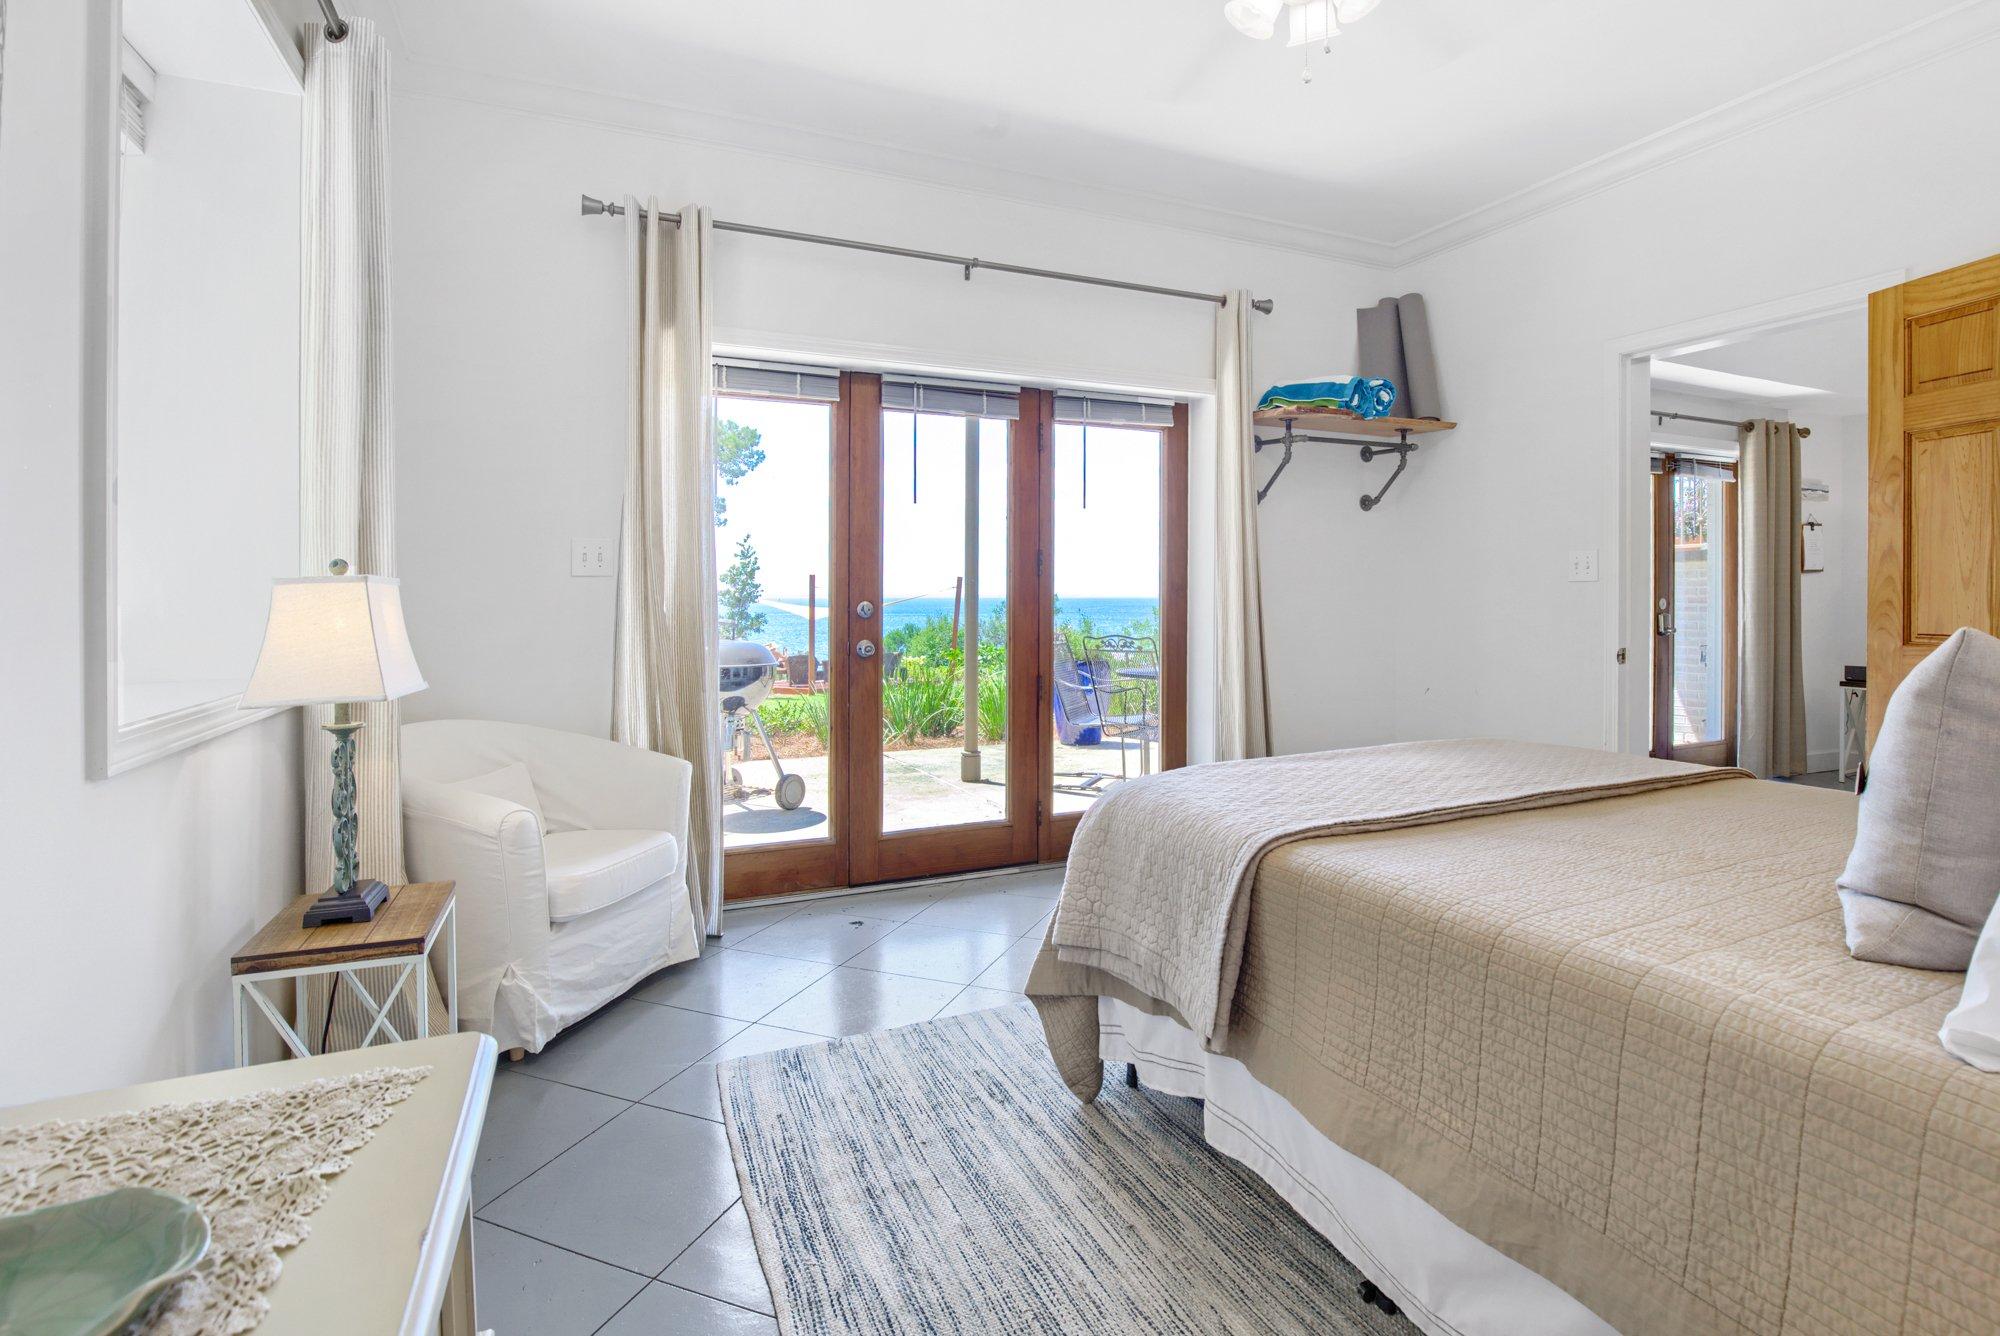 Dogwood Bedroom View Jubilee Suites Fairhope, AL